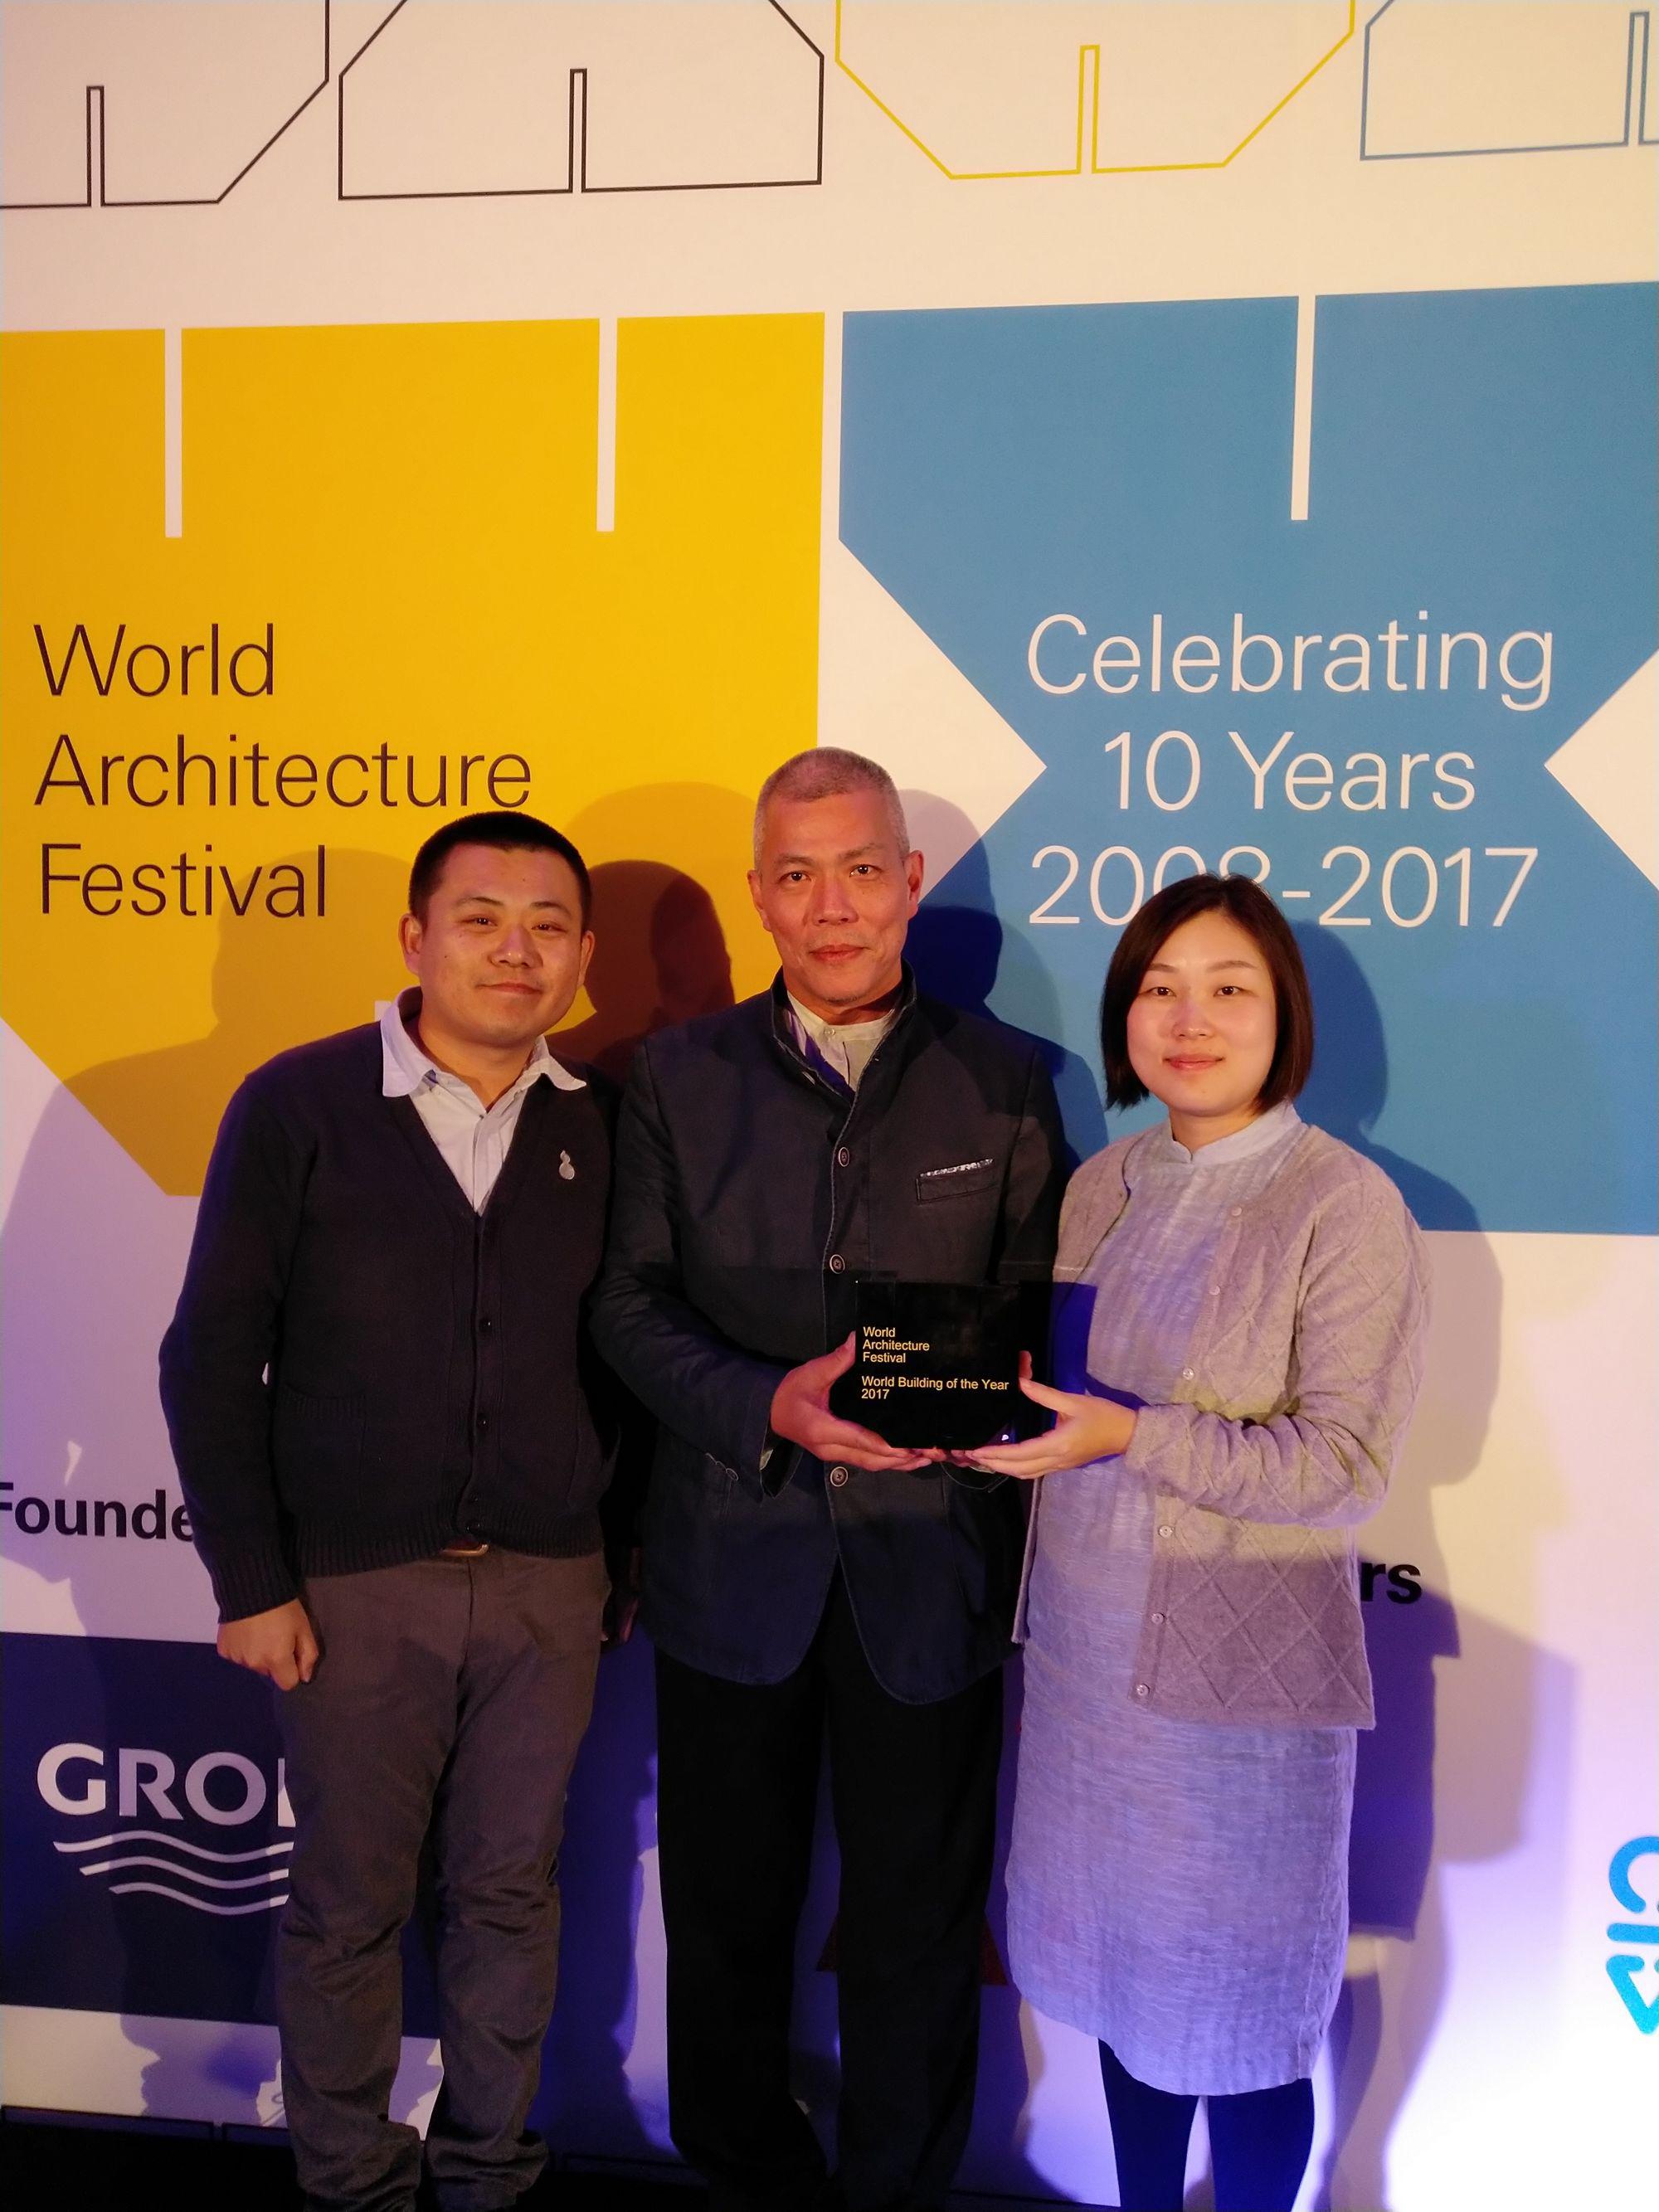 中大團隊奪世界建築節年度建築大獎。(左起)遲辛安先生、吳恩融教授及萬麗博士。